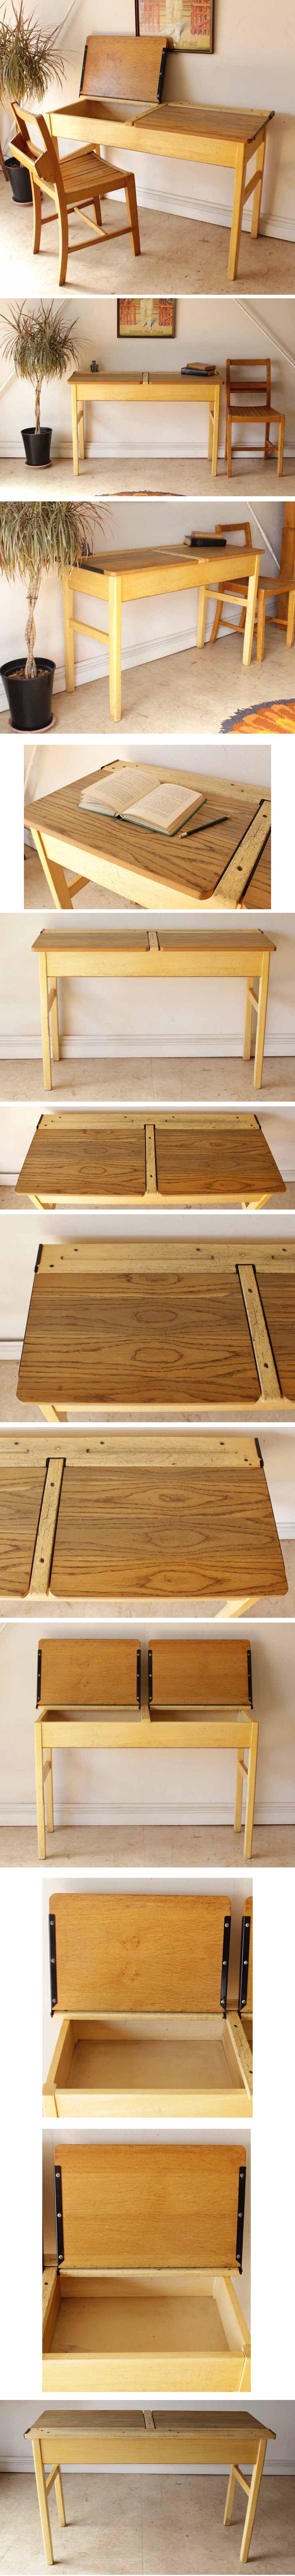 イギリス製ビンテージ・ダブルスクールデスク学習机【大人もOK】【再入荷】アンティーク・ブロカント・年代物